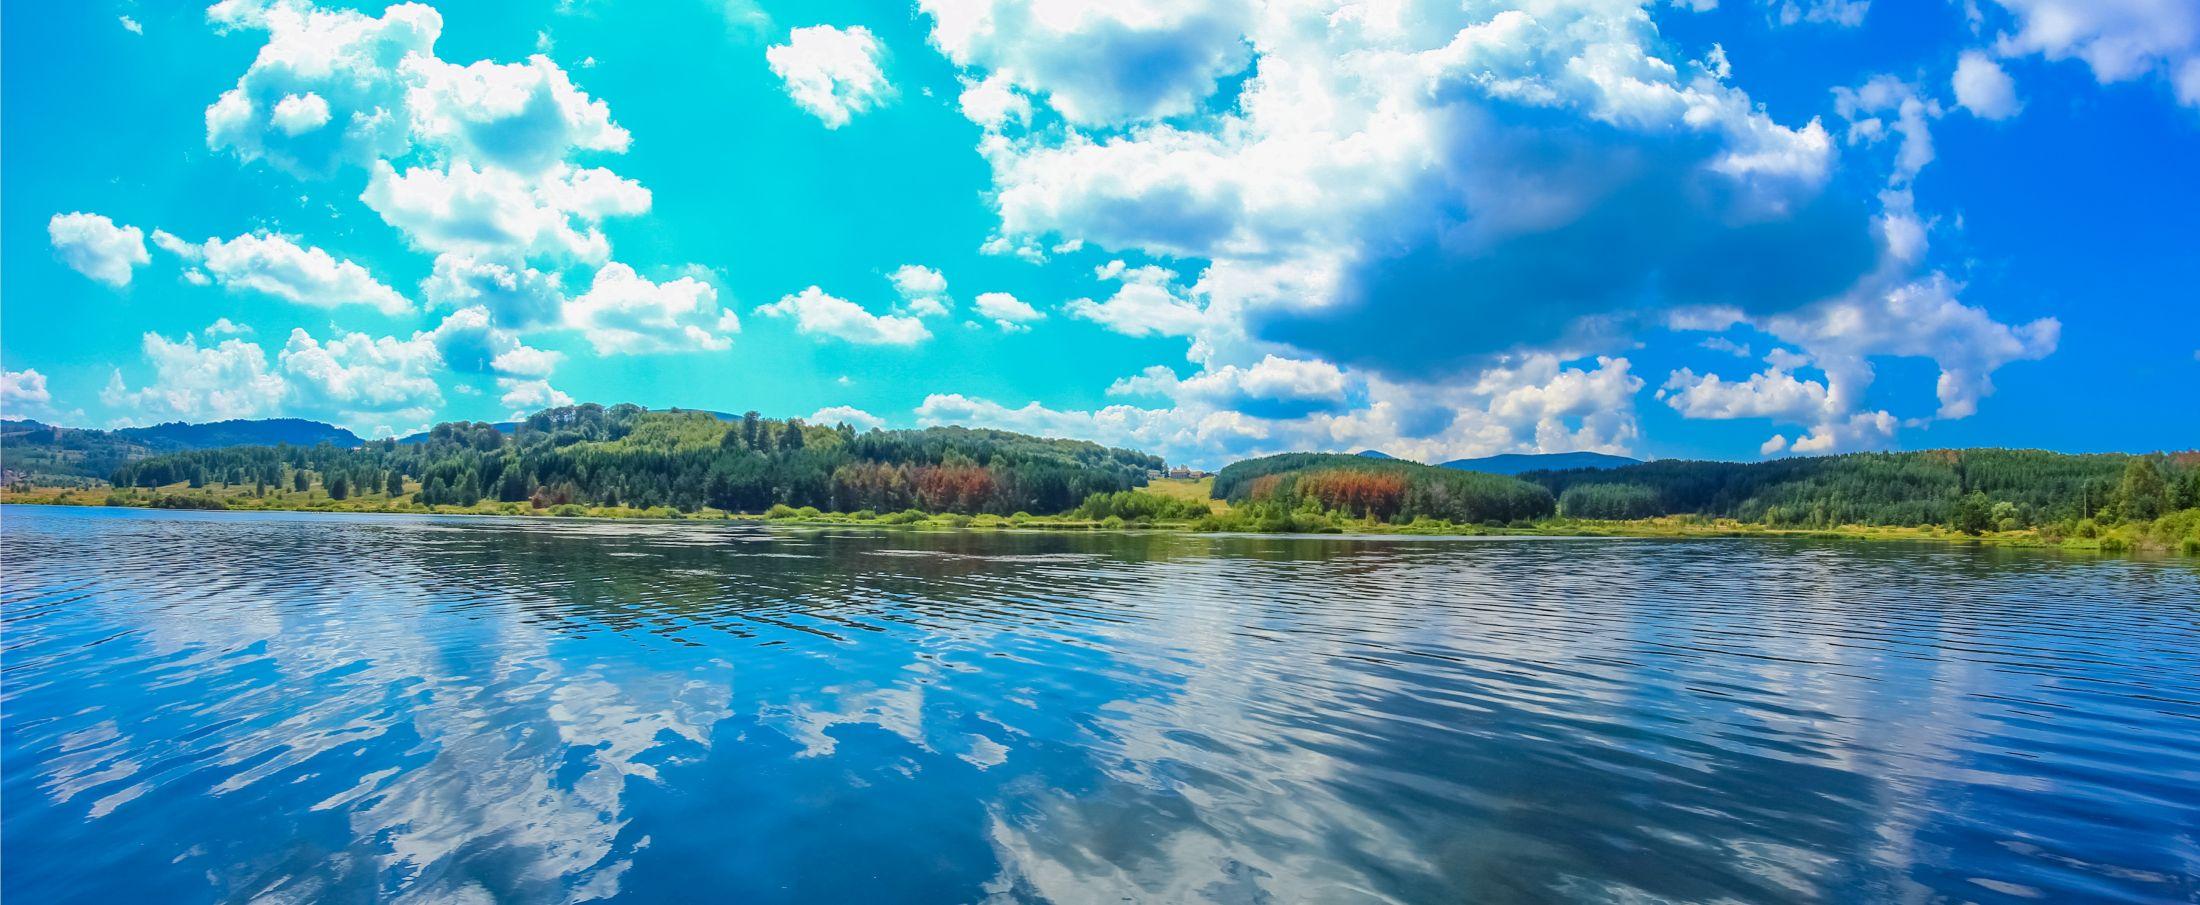 Власинское озеро